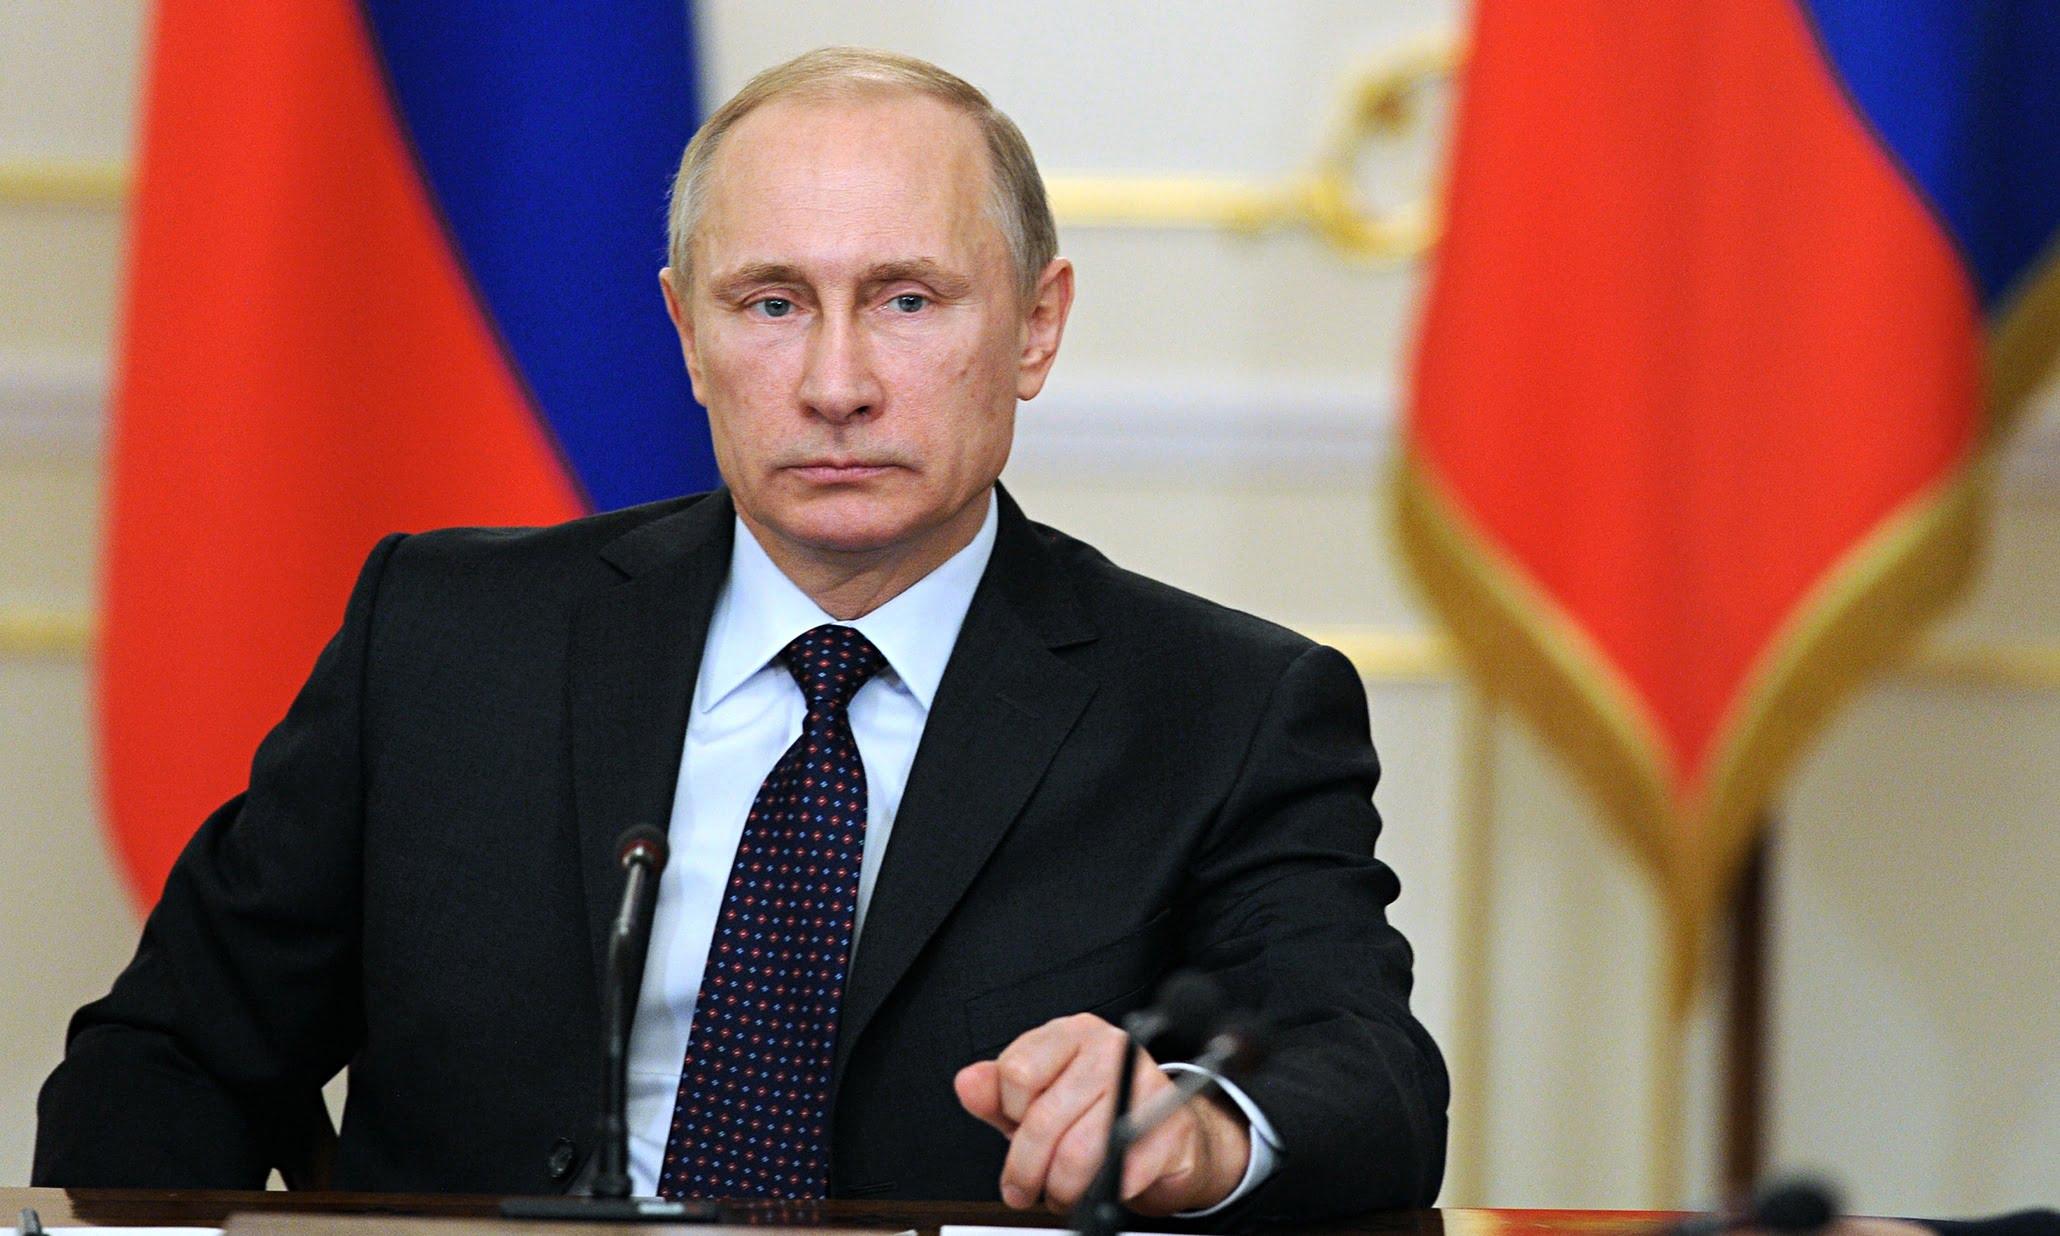 Ο κορονοϊός φέρνει τον Πούτιν μεταξύ «Σκύλας και Χάρυβδης»